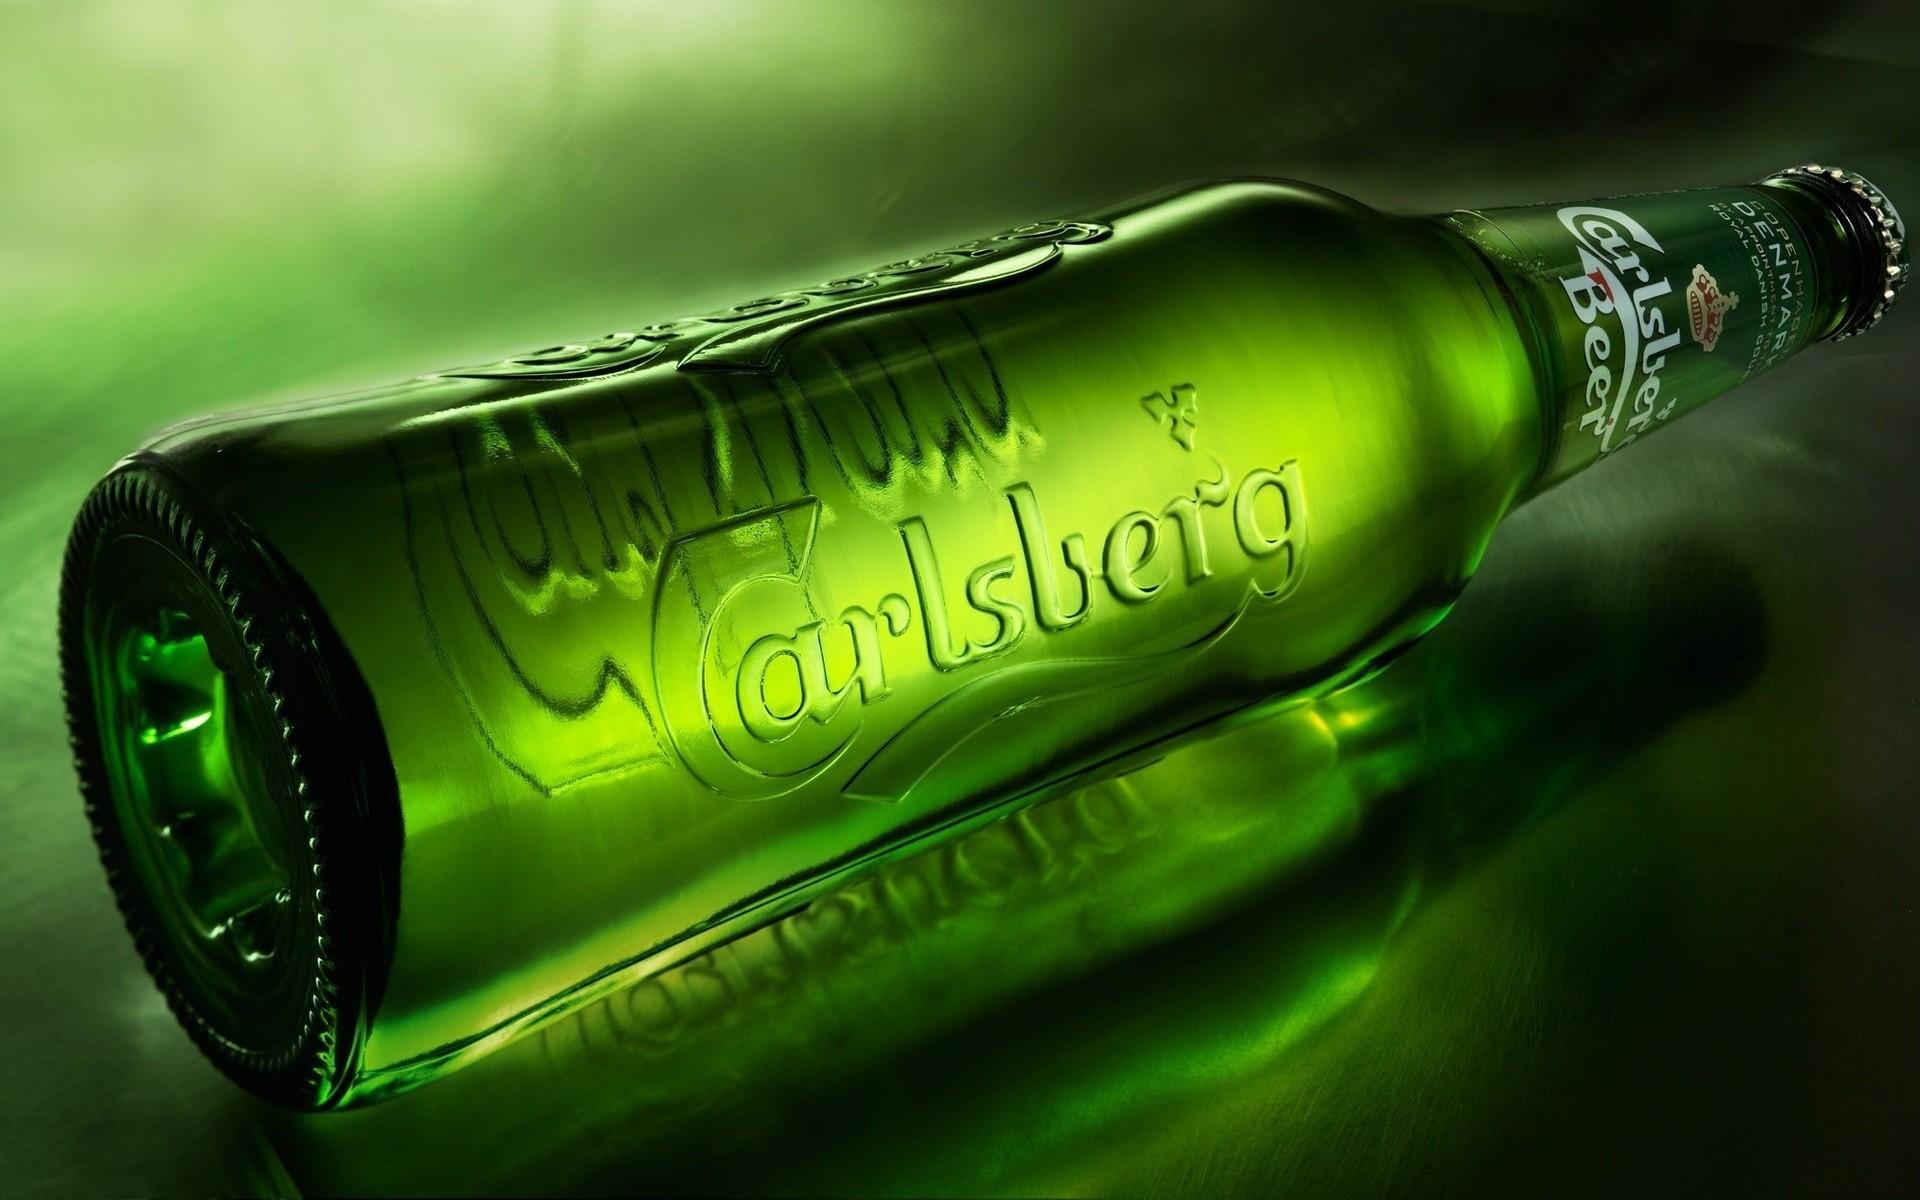 Green Beer Wallpaper